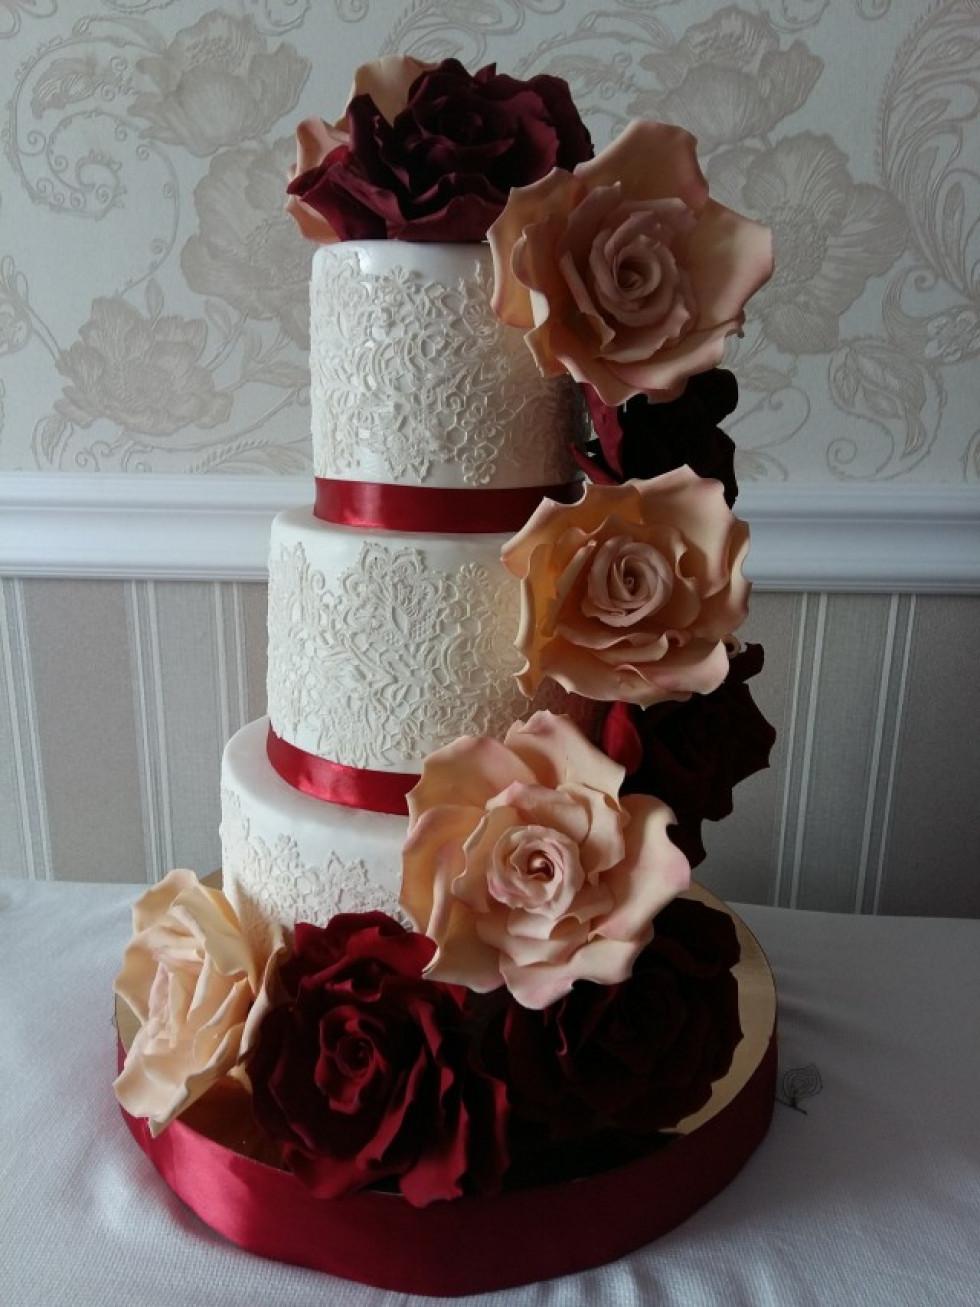 Якось за добу зробила аж п'ять тортів, а весільний за ніч спекла.